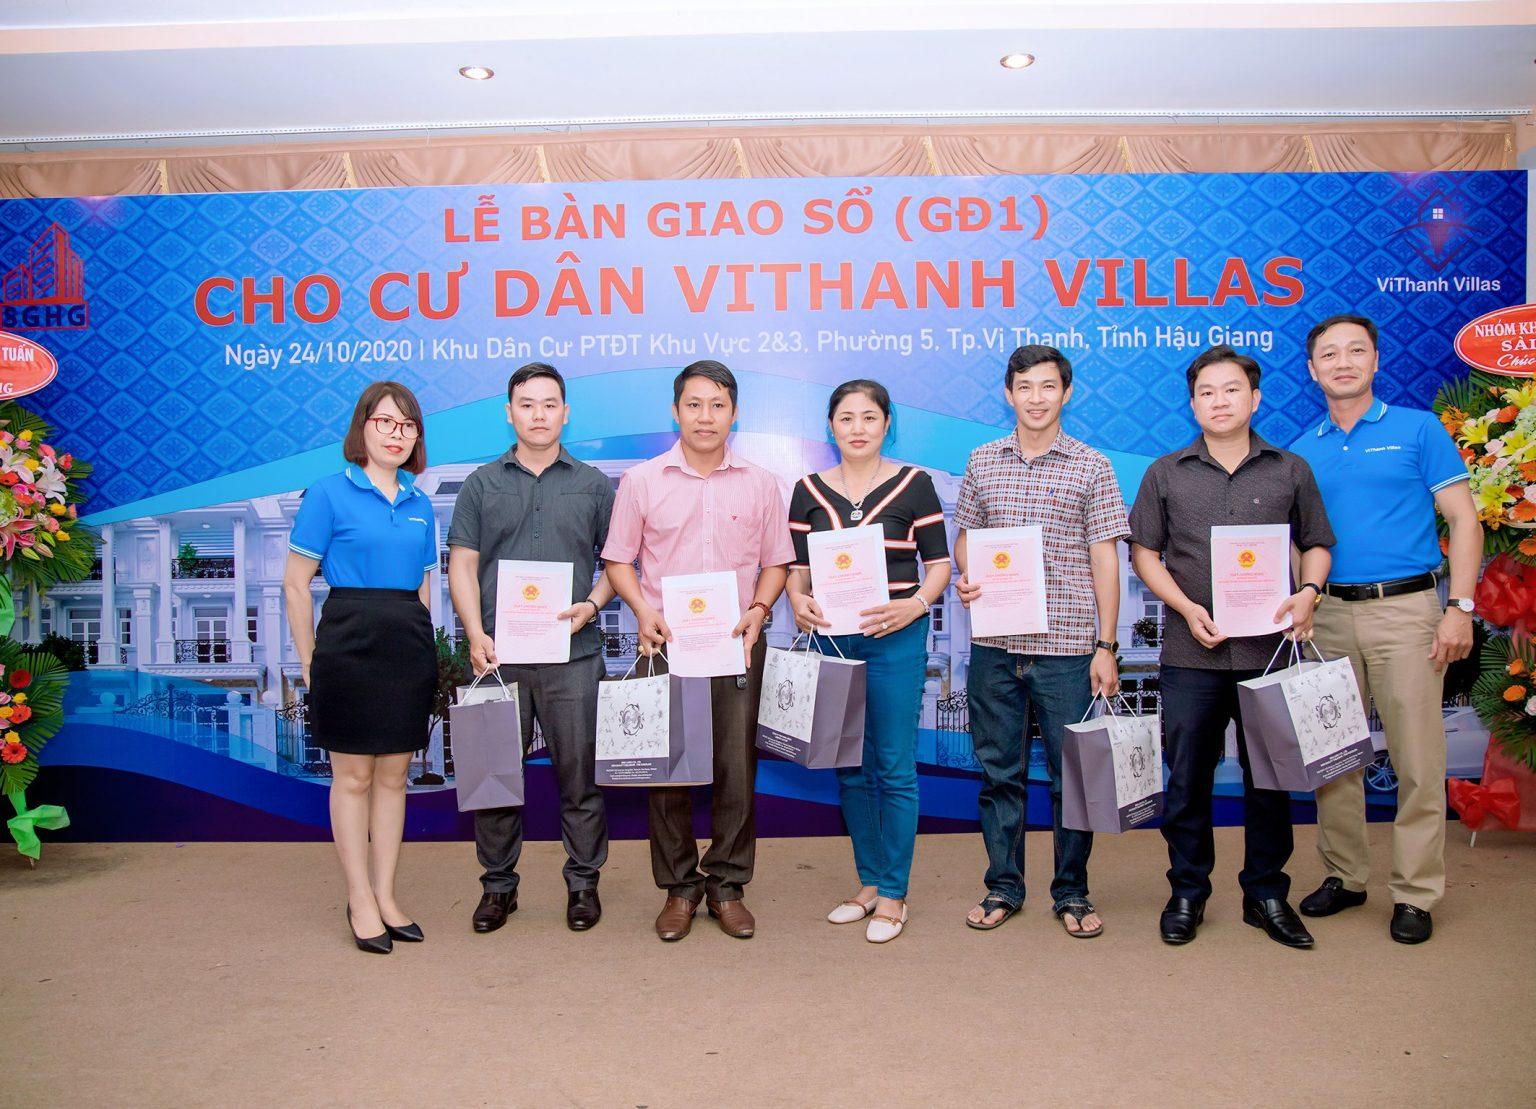 Lễ bàn giao (GĐ1) cho cư dân ViThanh Villas ngày 24/10/2020